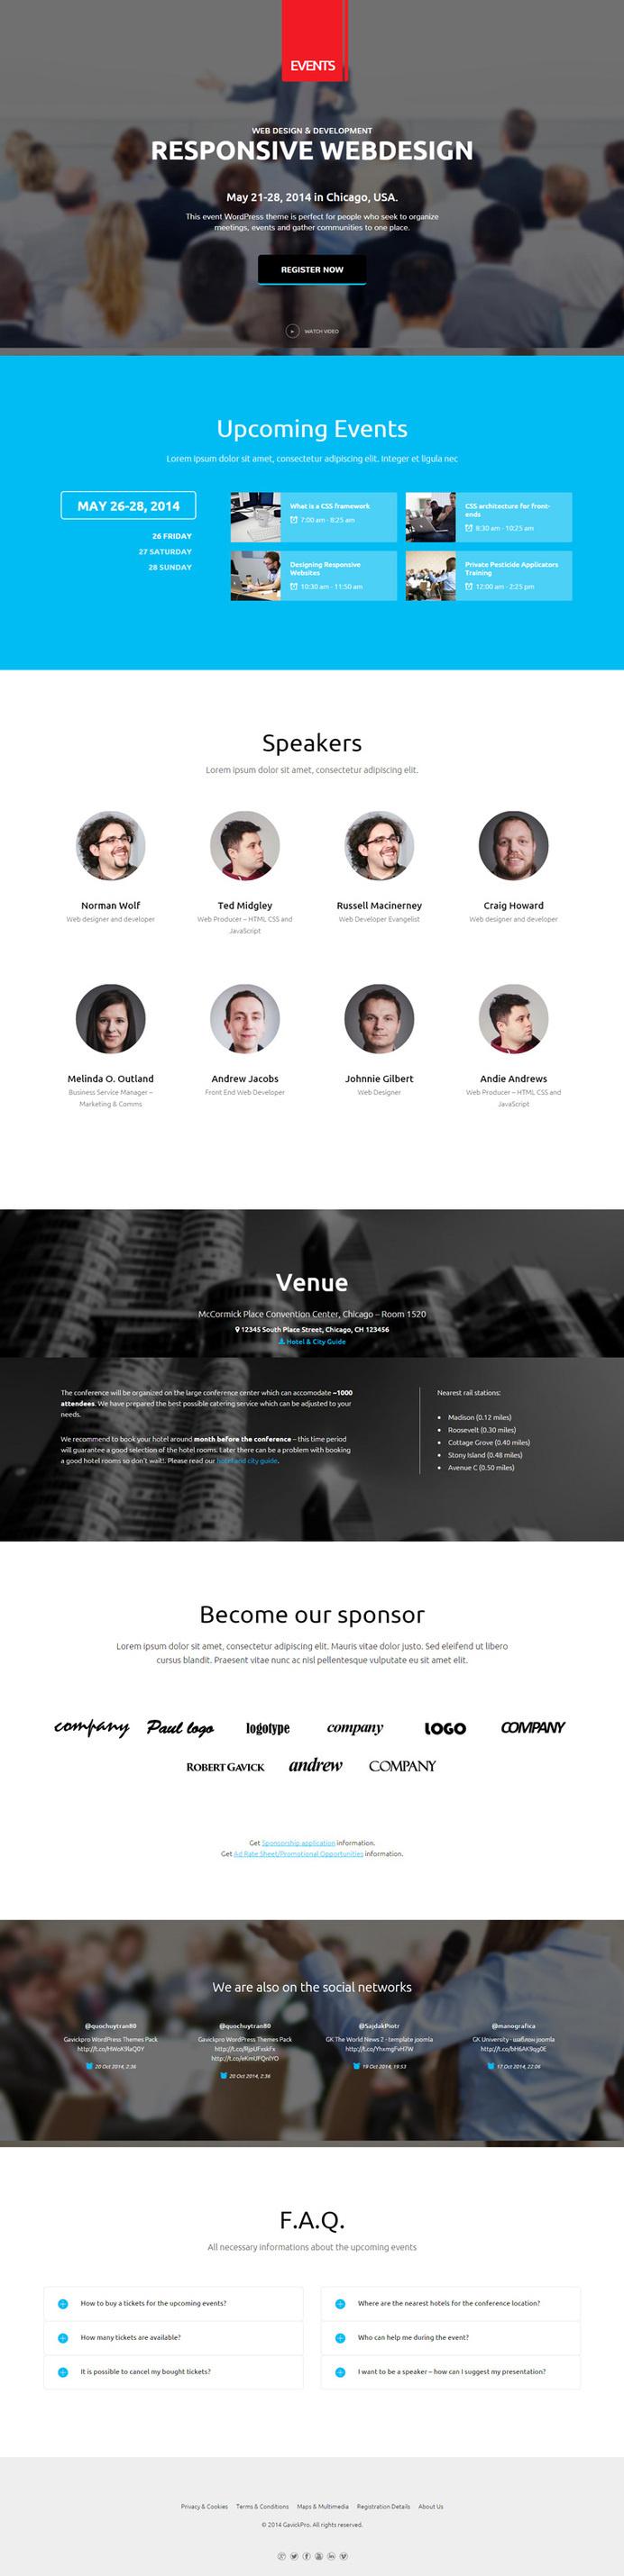 blue, web design, clean, layout #design #clean #blue #layout #web